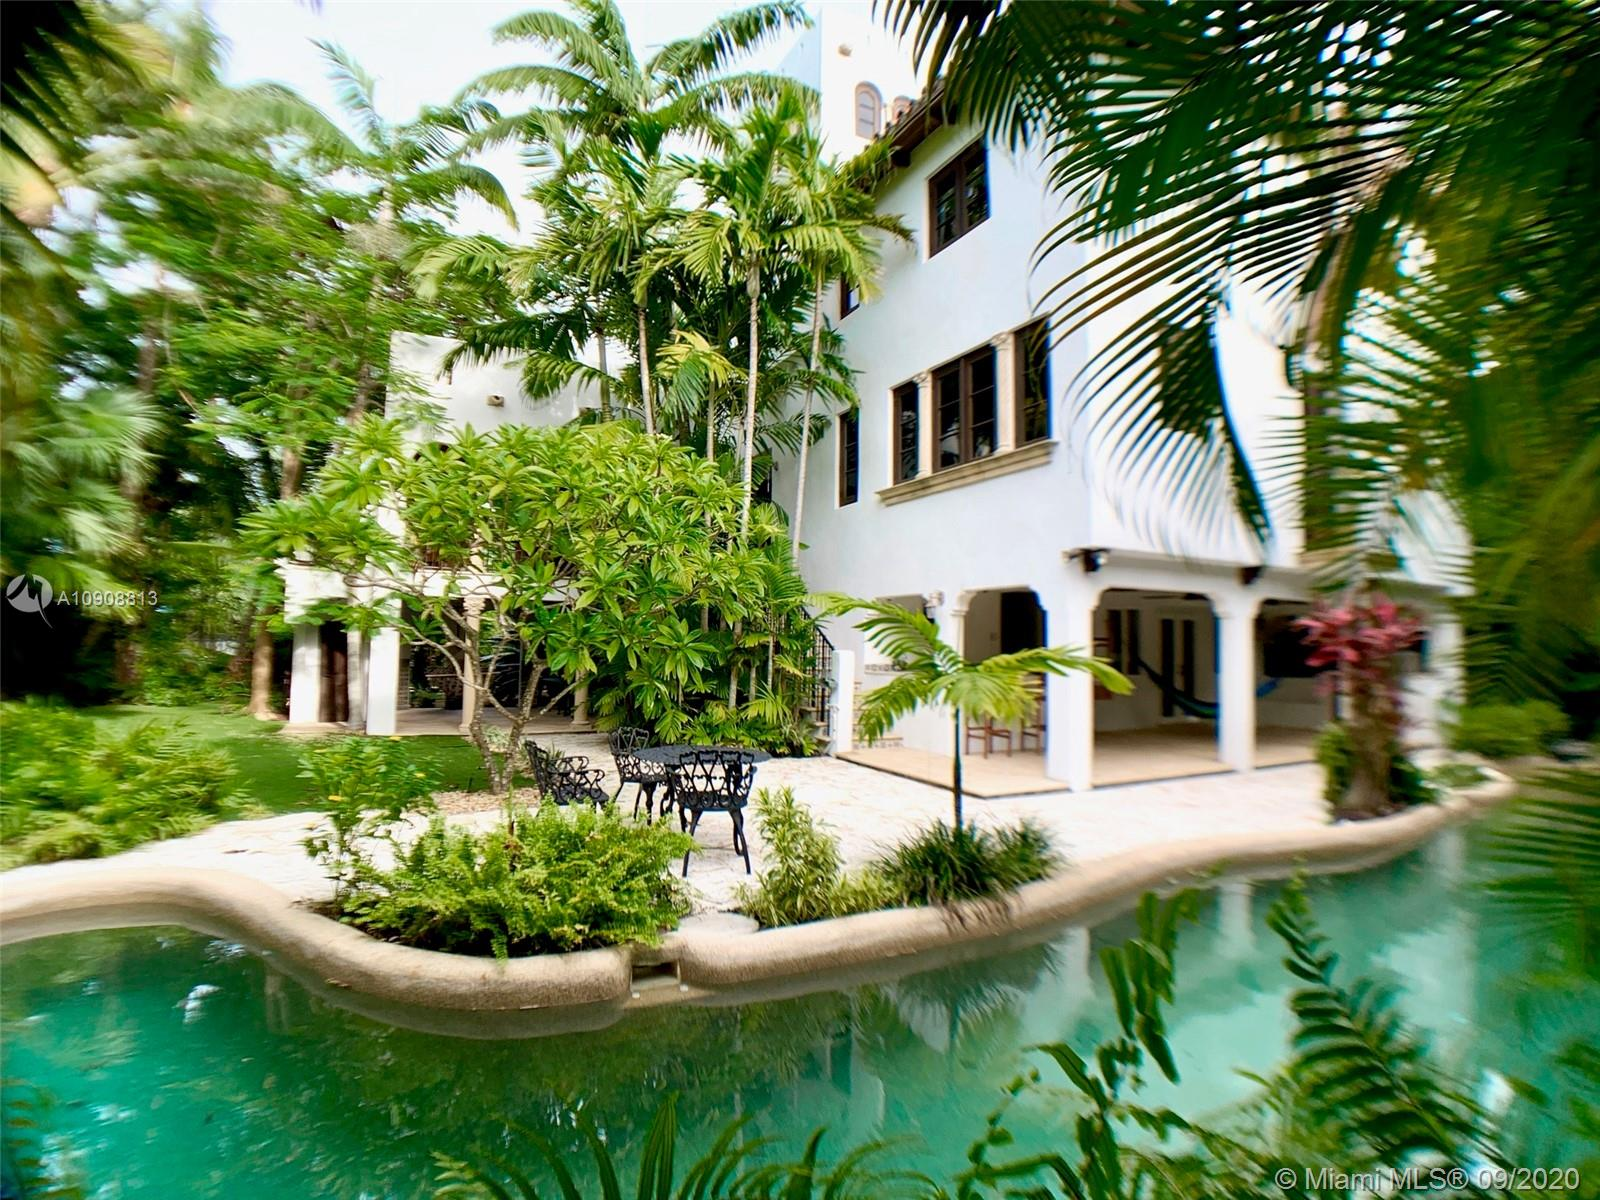 Tropical Isle Homes - 385 Ridgewood Rd, Key Biscayne, FL 33149